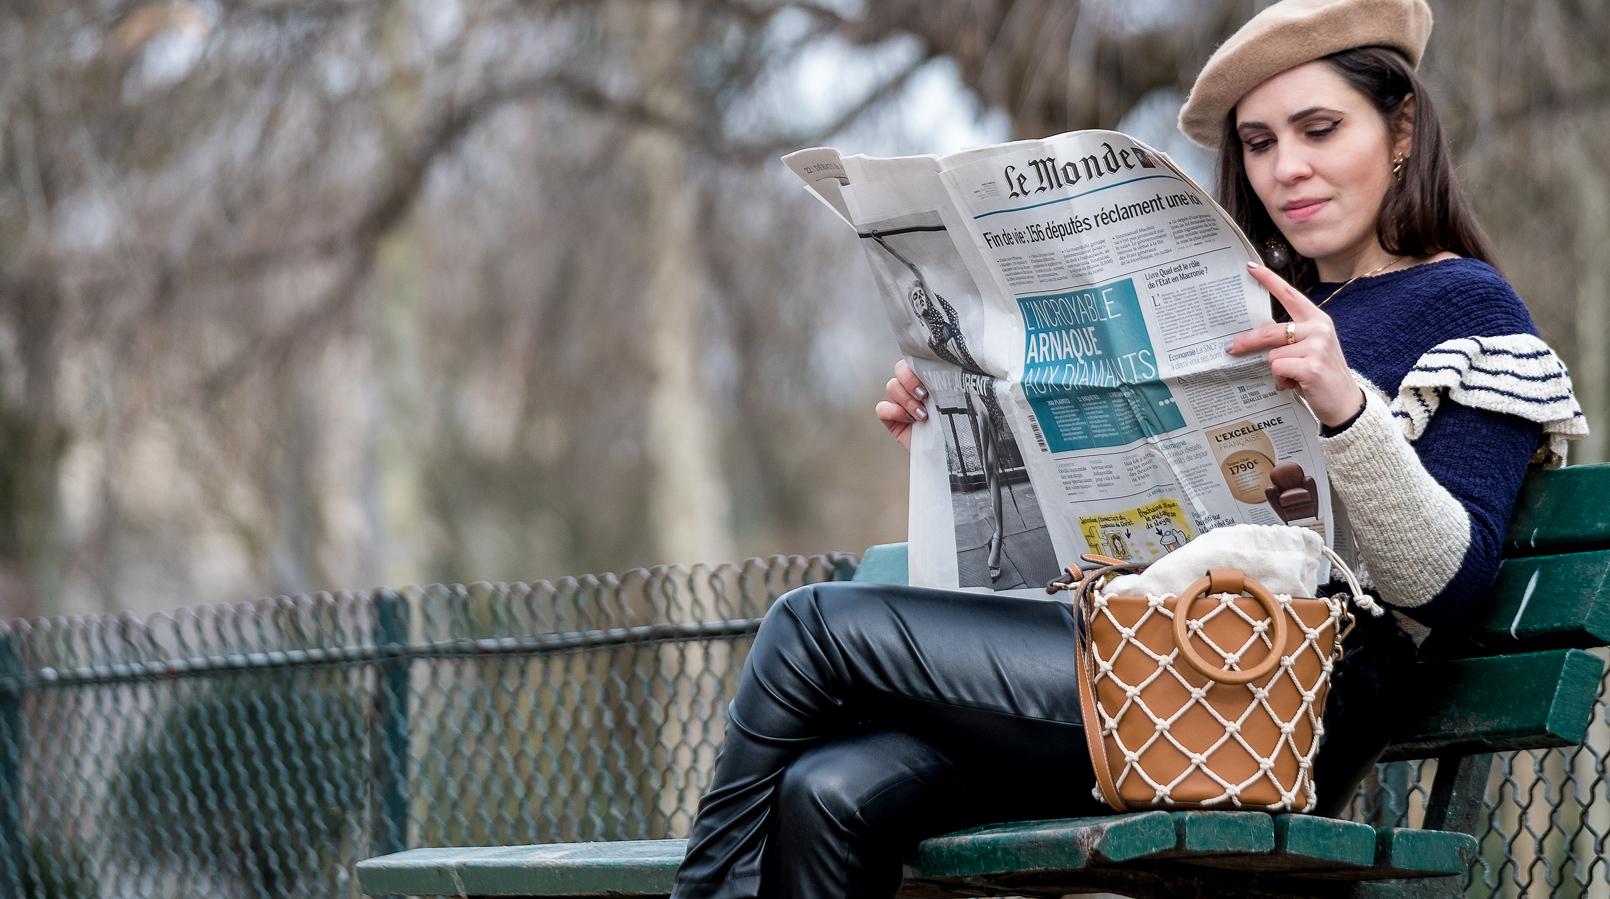 Le Fashionaire Ir a Paris sem uma boina nem é ir a Paris! camisola azul escuro branco riscas folhos mango calcas tipo pele cintura alta shein boina bege asos mala castanha rede branca mango 3655F PT